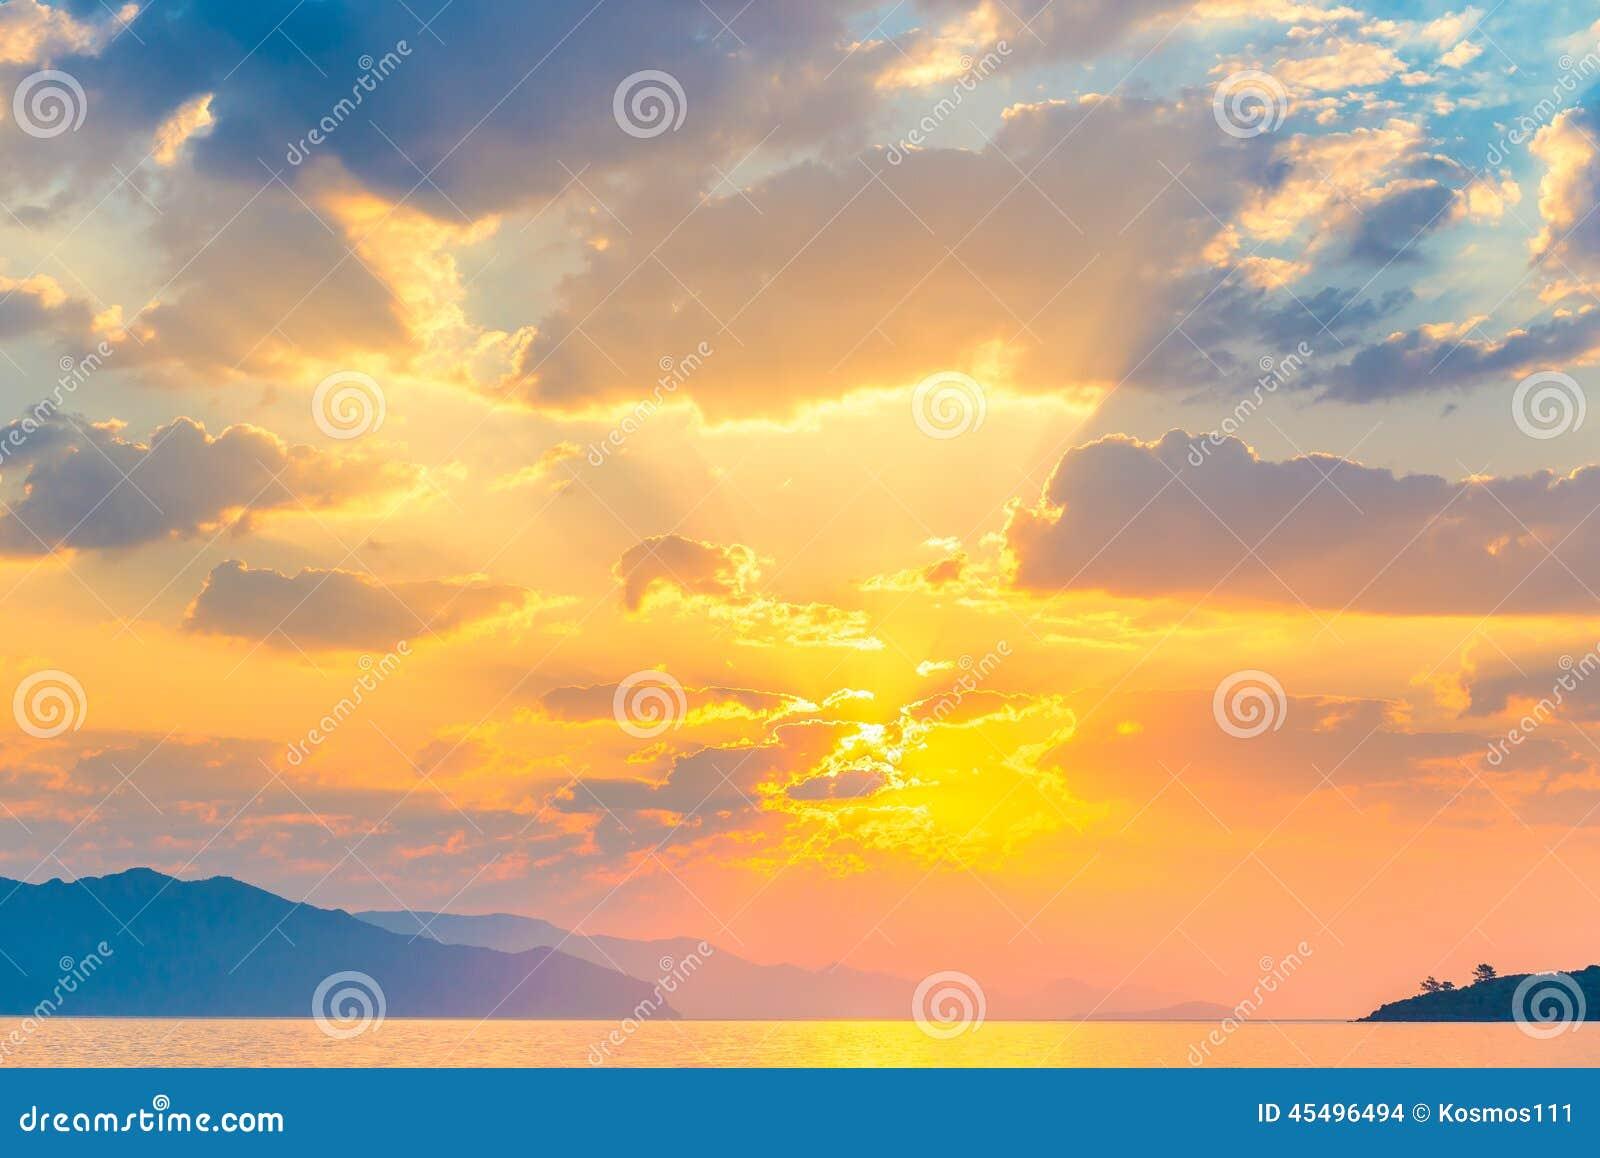 明亮的太阳桔子上升